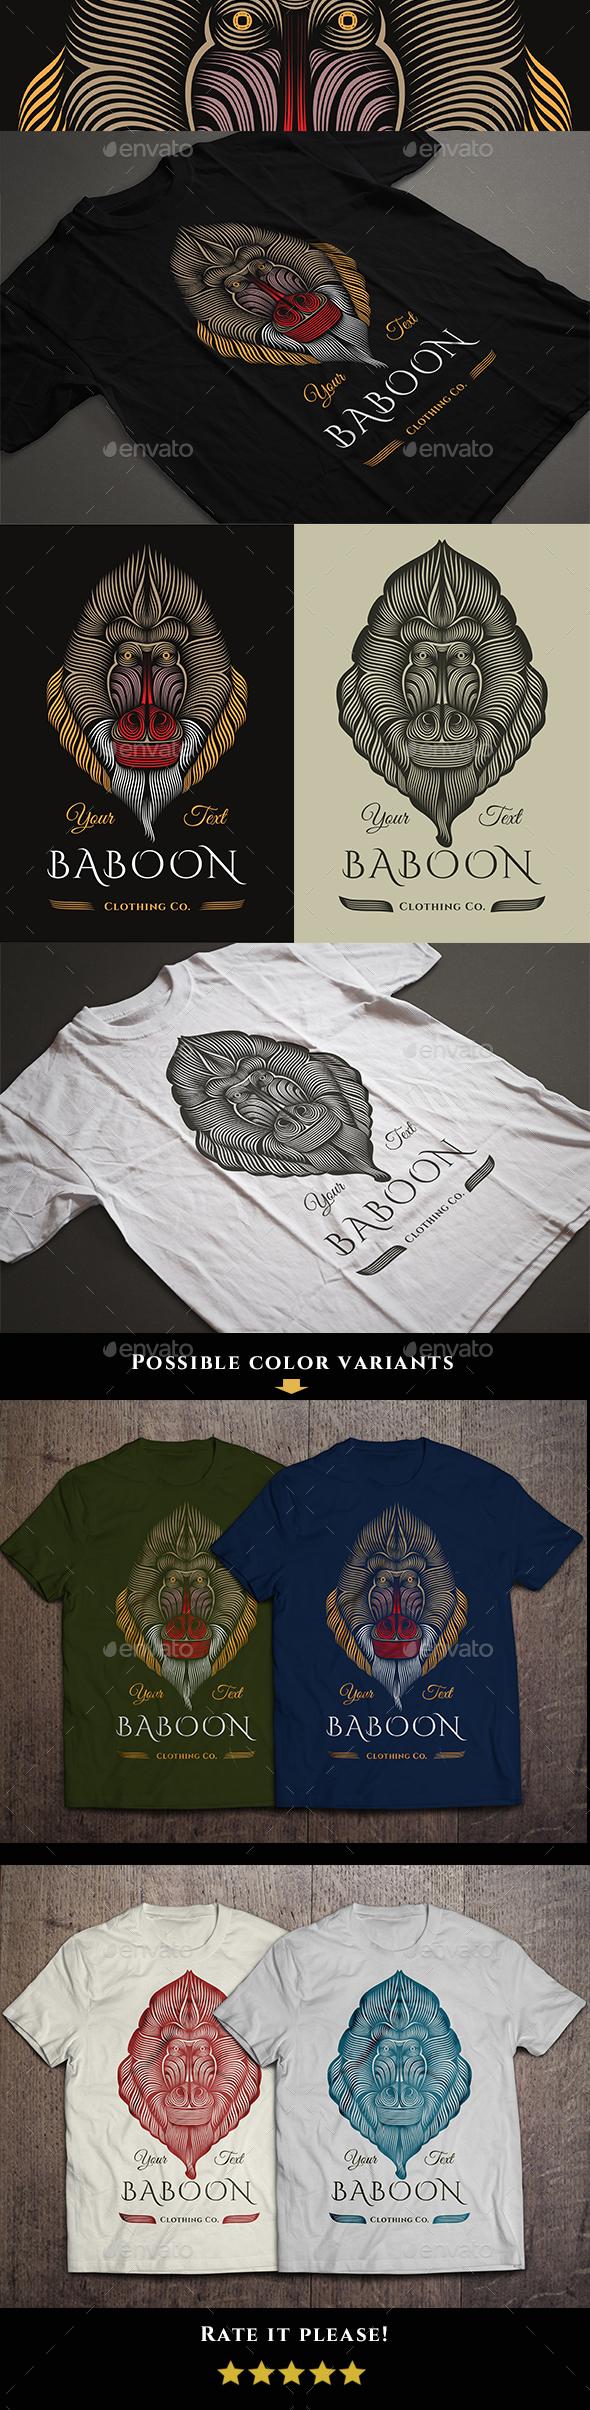 Baboon T-shirt Design - Designs T-Shirts